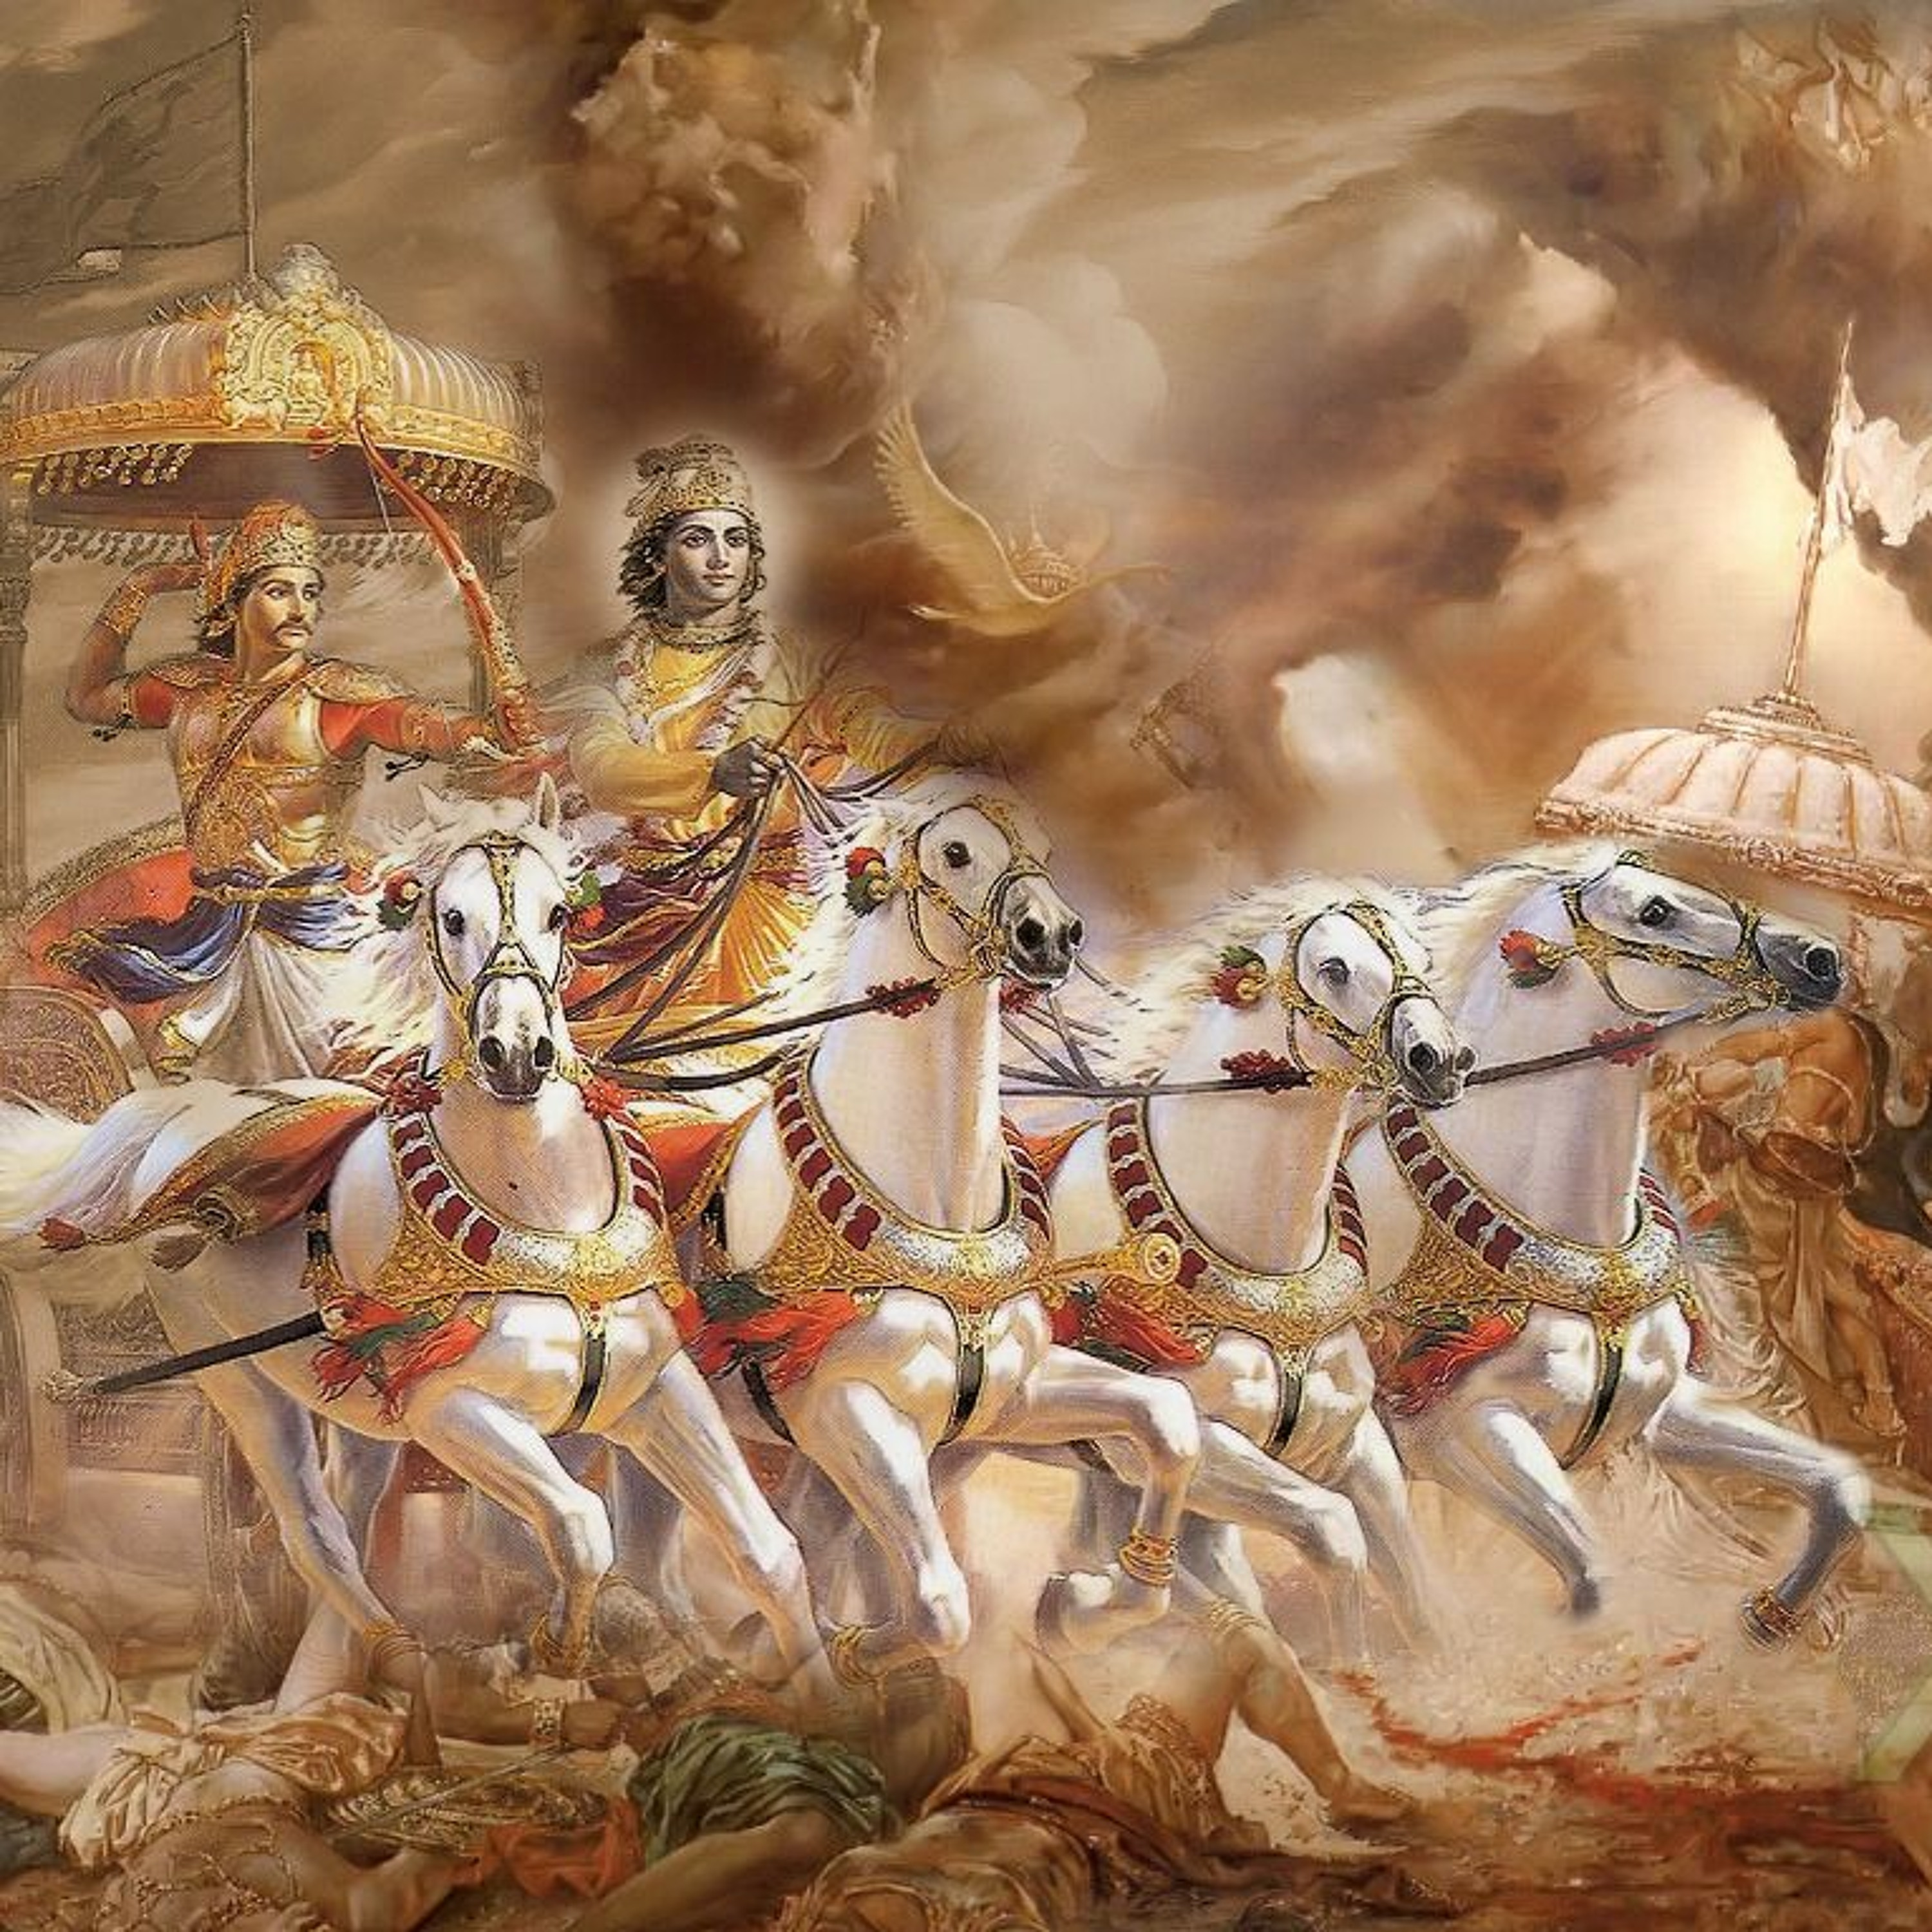 42. Bhagavad Gita | Chapter 3 Overview & Verse 43 | Swami Sarvapriyananda